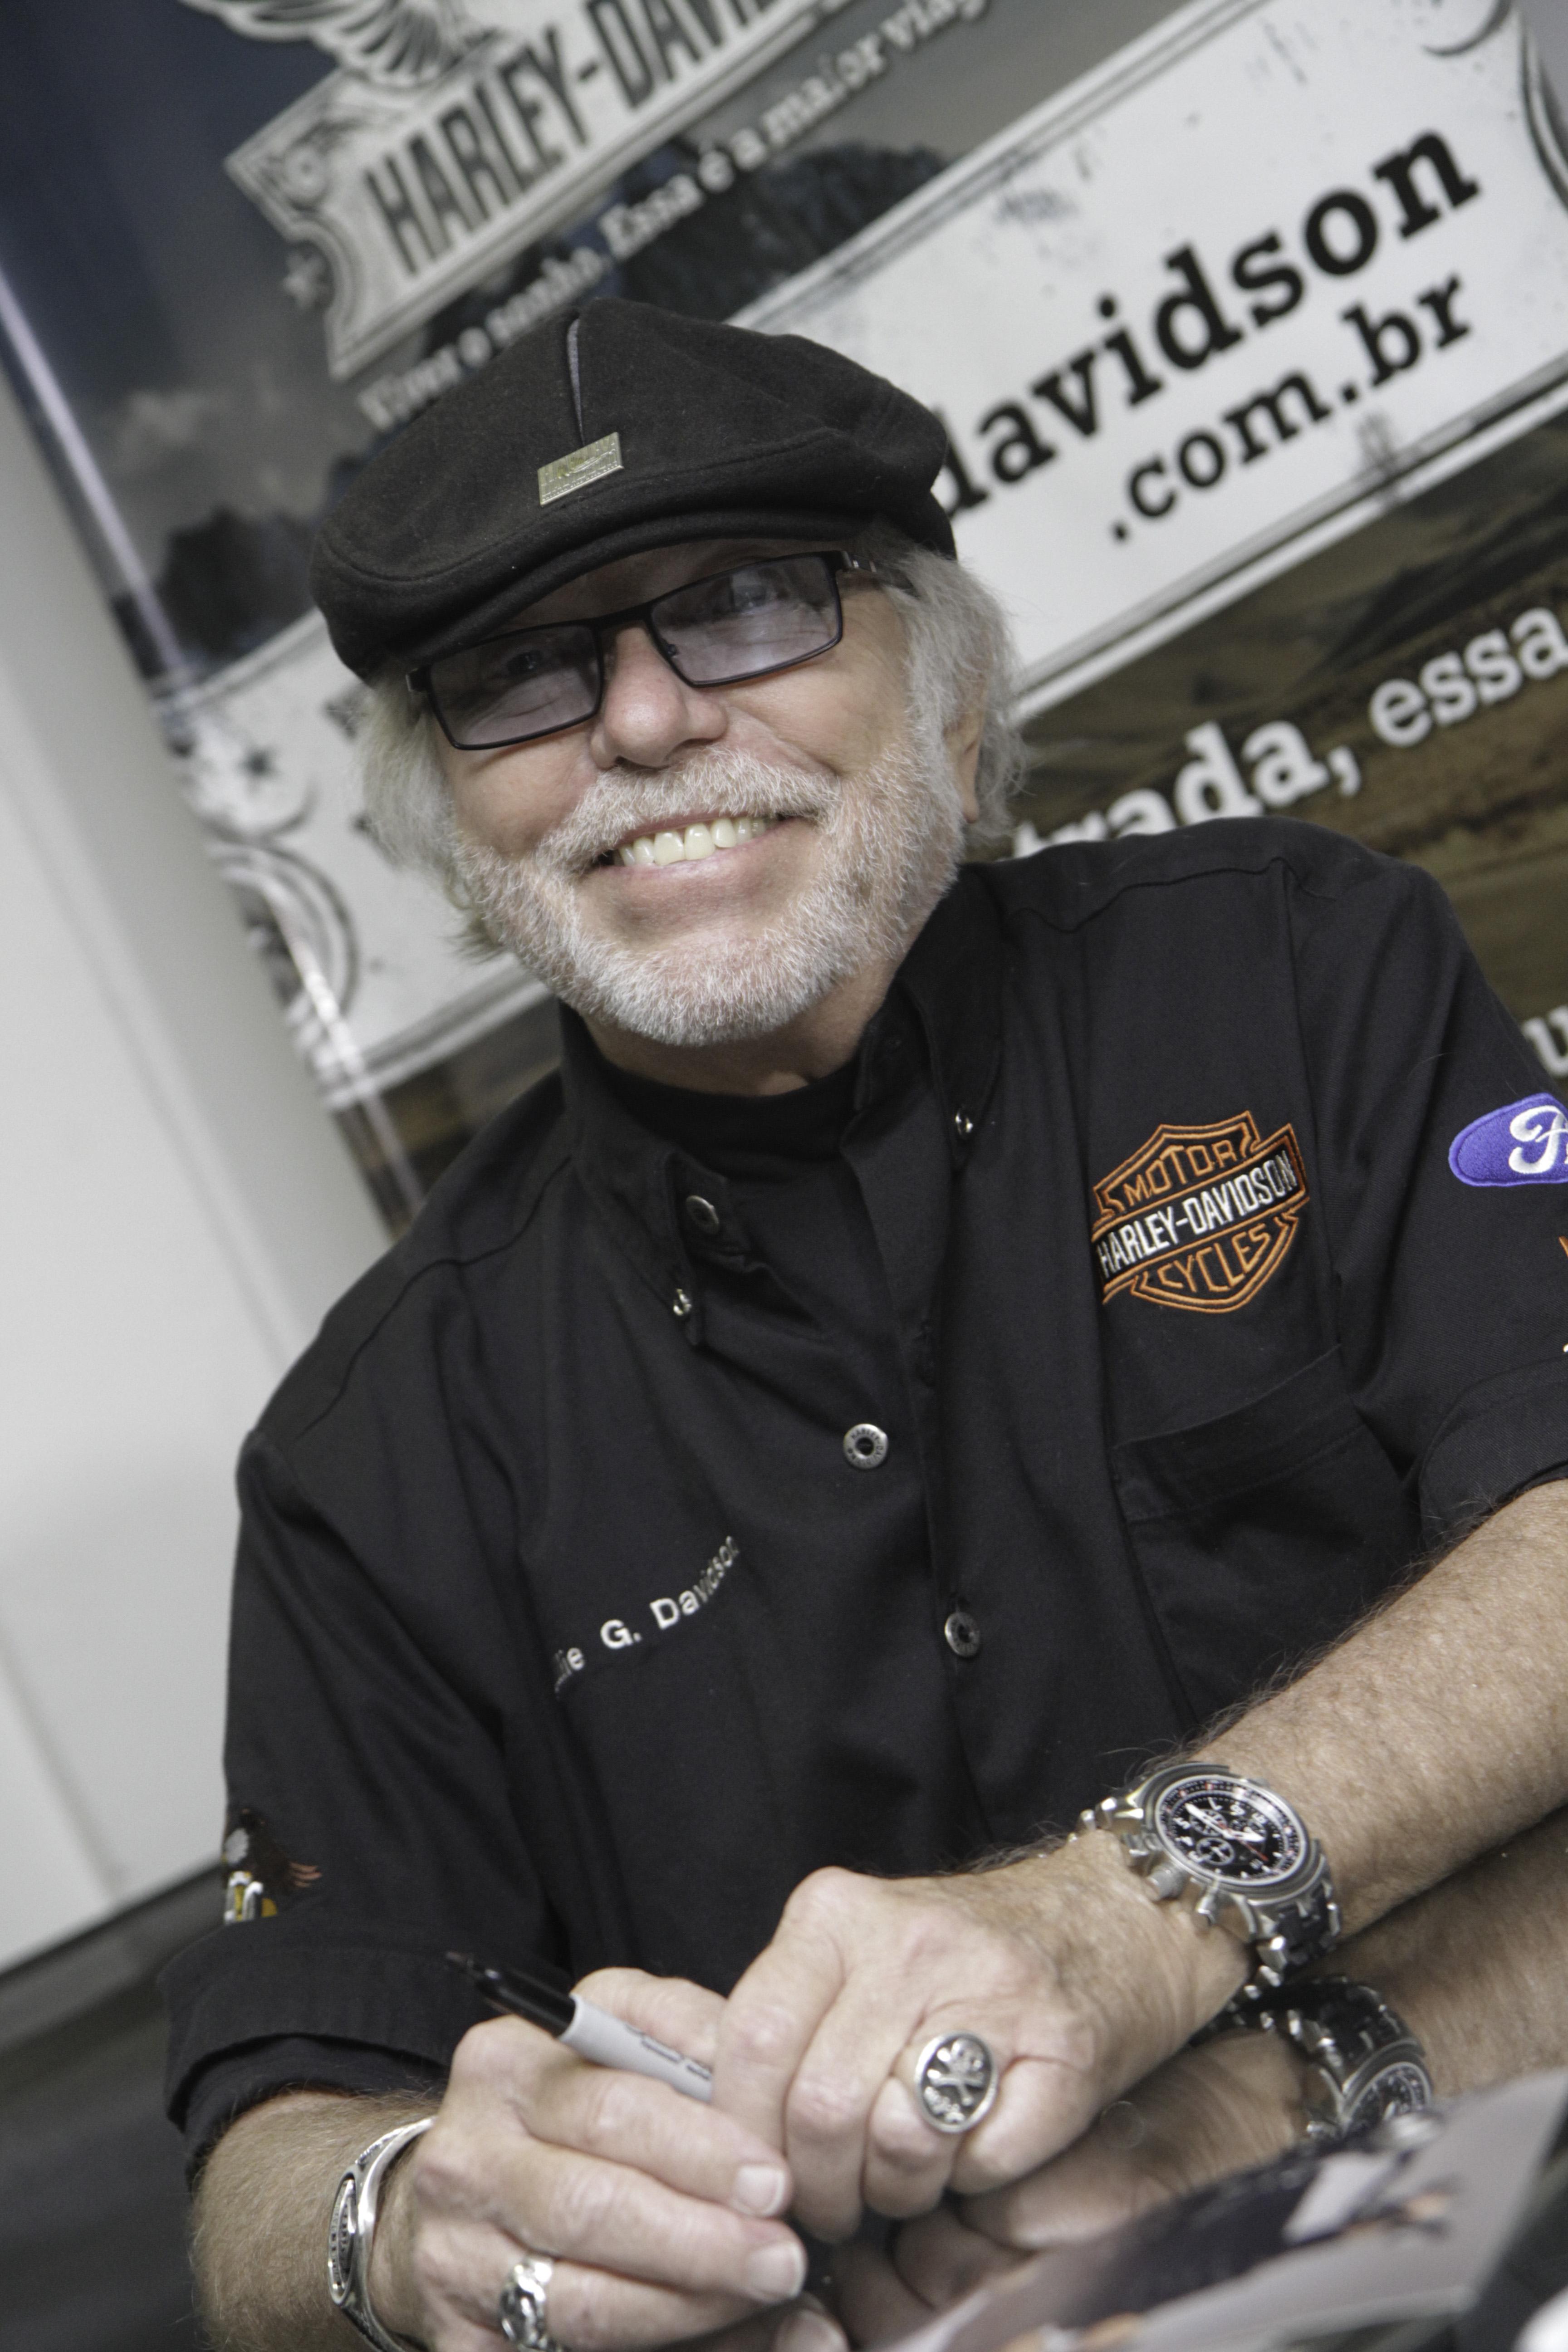 Harley Davidson_SM2_Bruno Namorato (389 of 547)